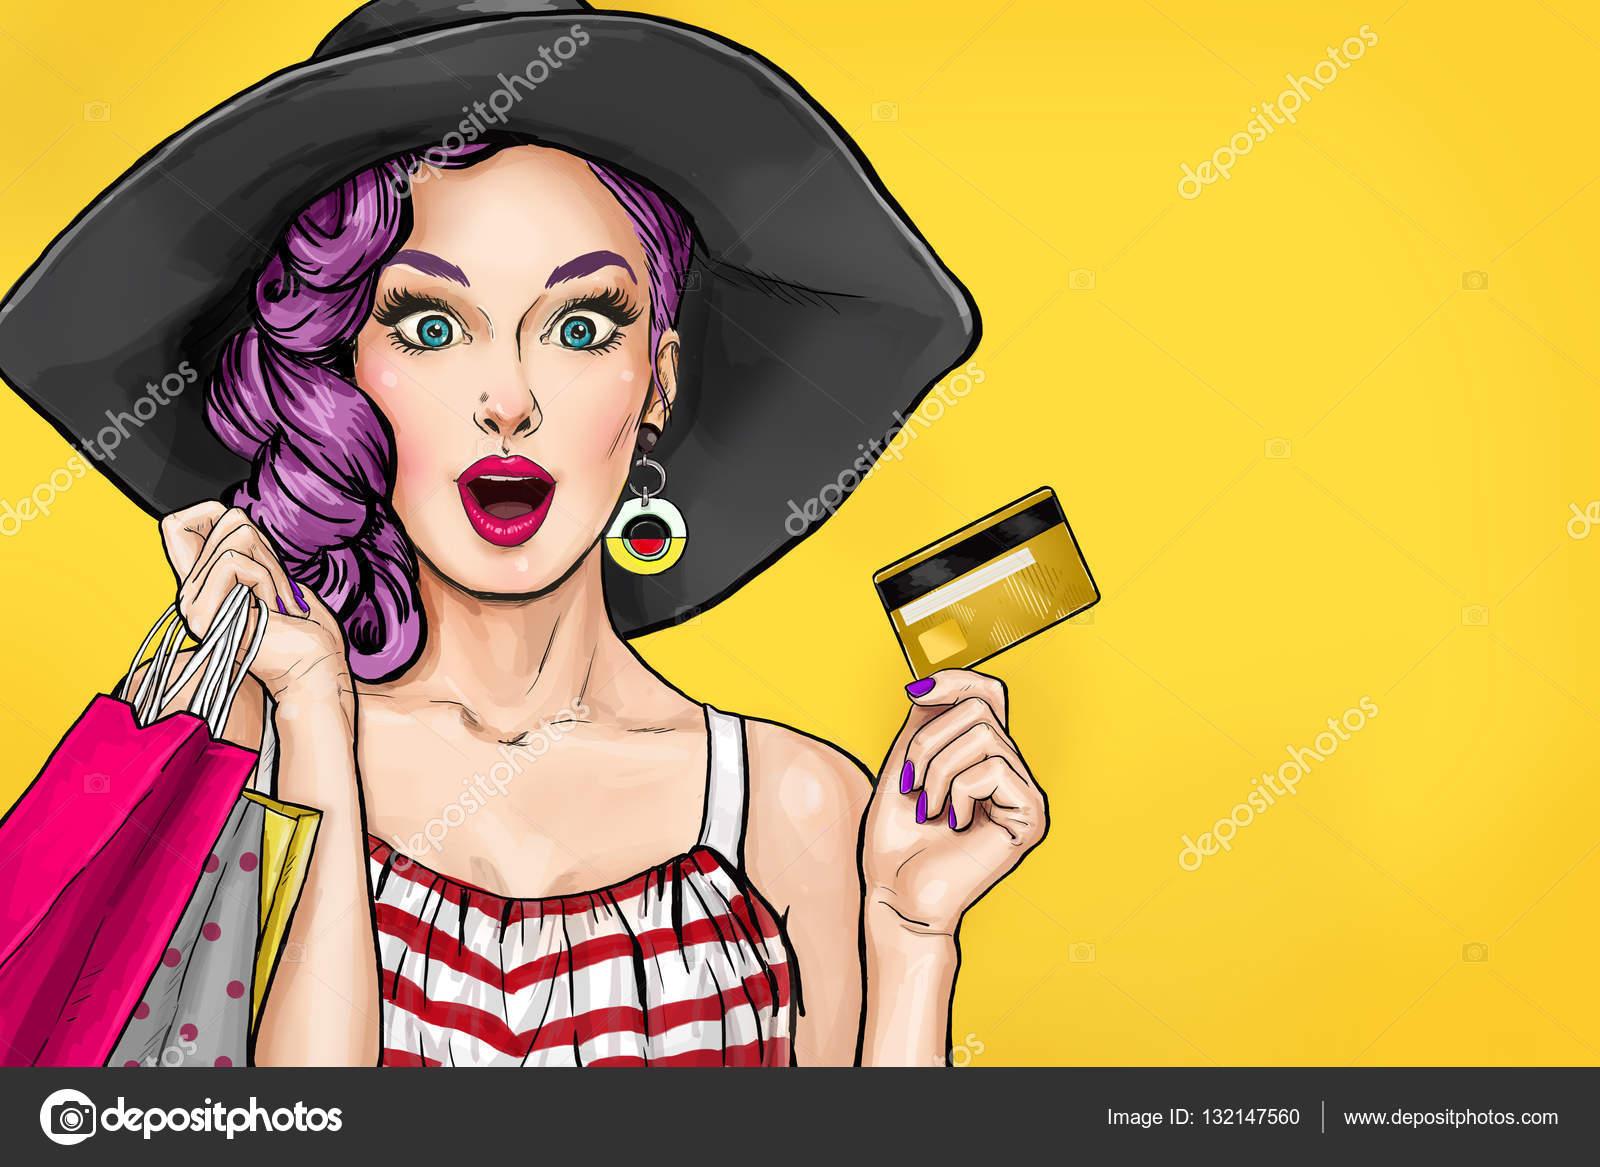 Fille de bavardage visage anniversaire tête chapeau mignonne cool achat affiche conception naïf pop pop art kitsch image de lucky2084